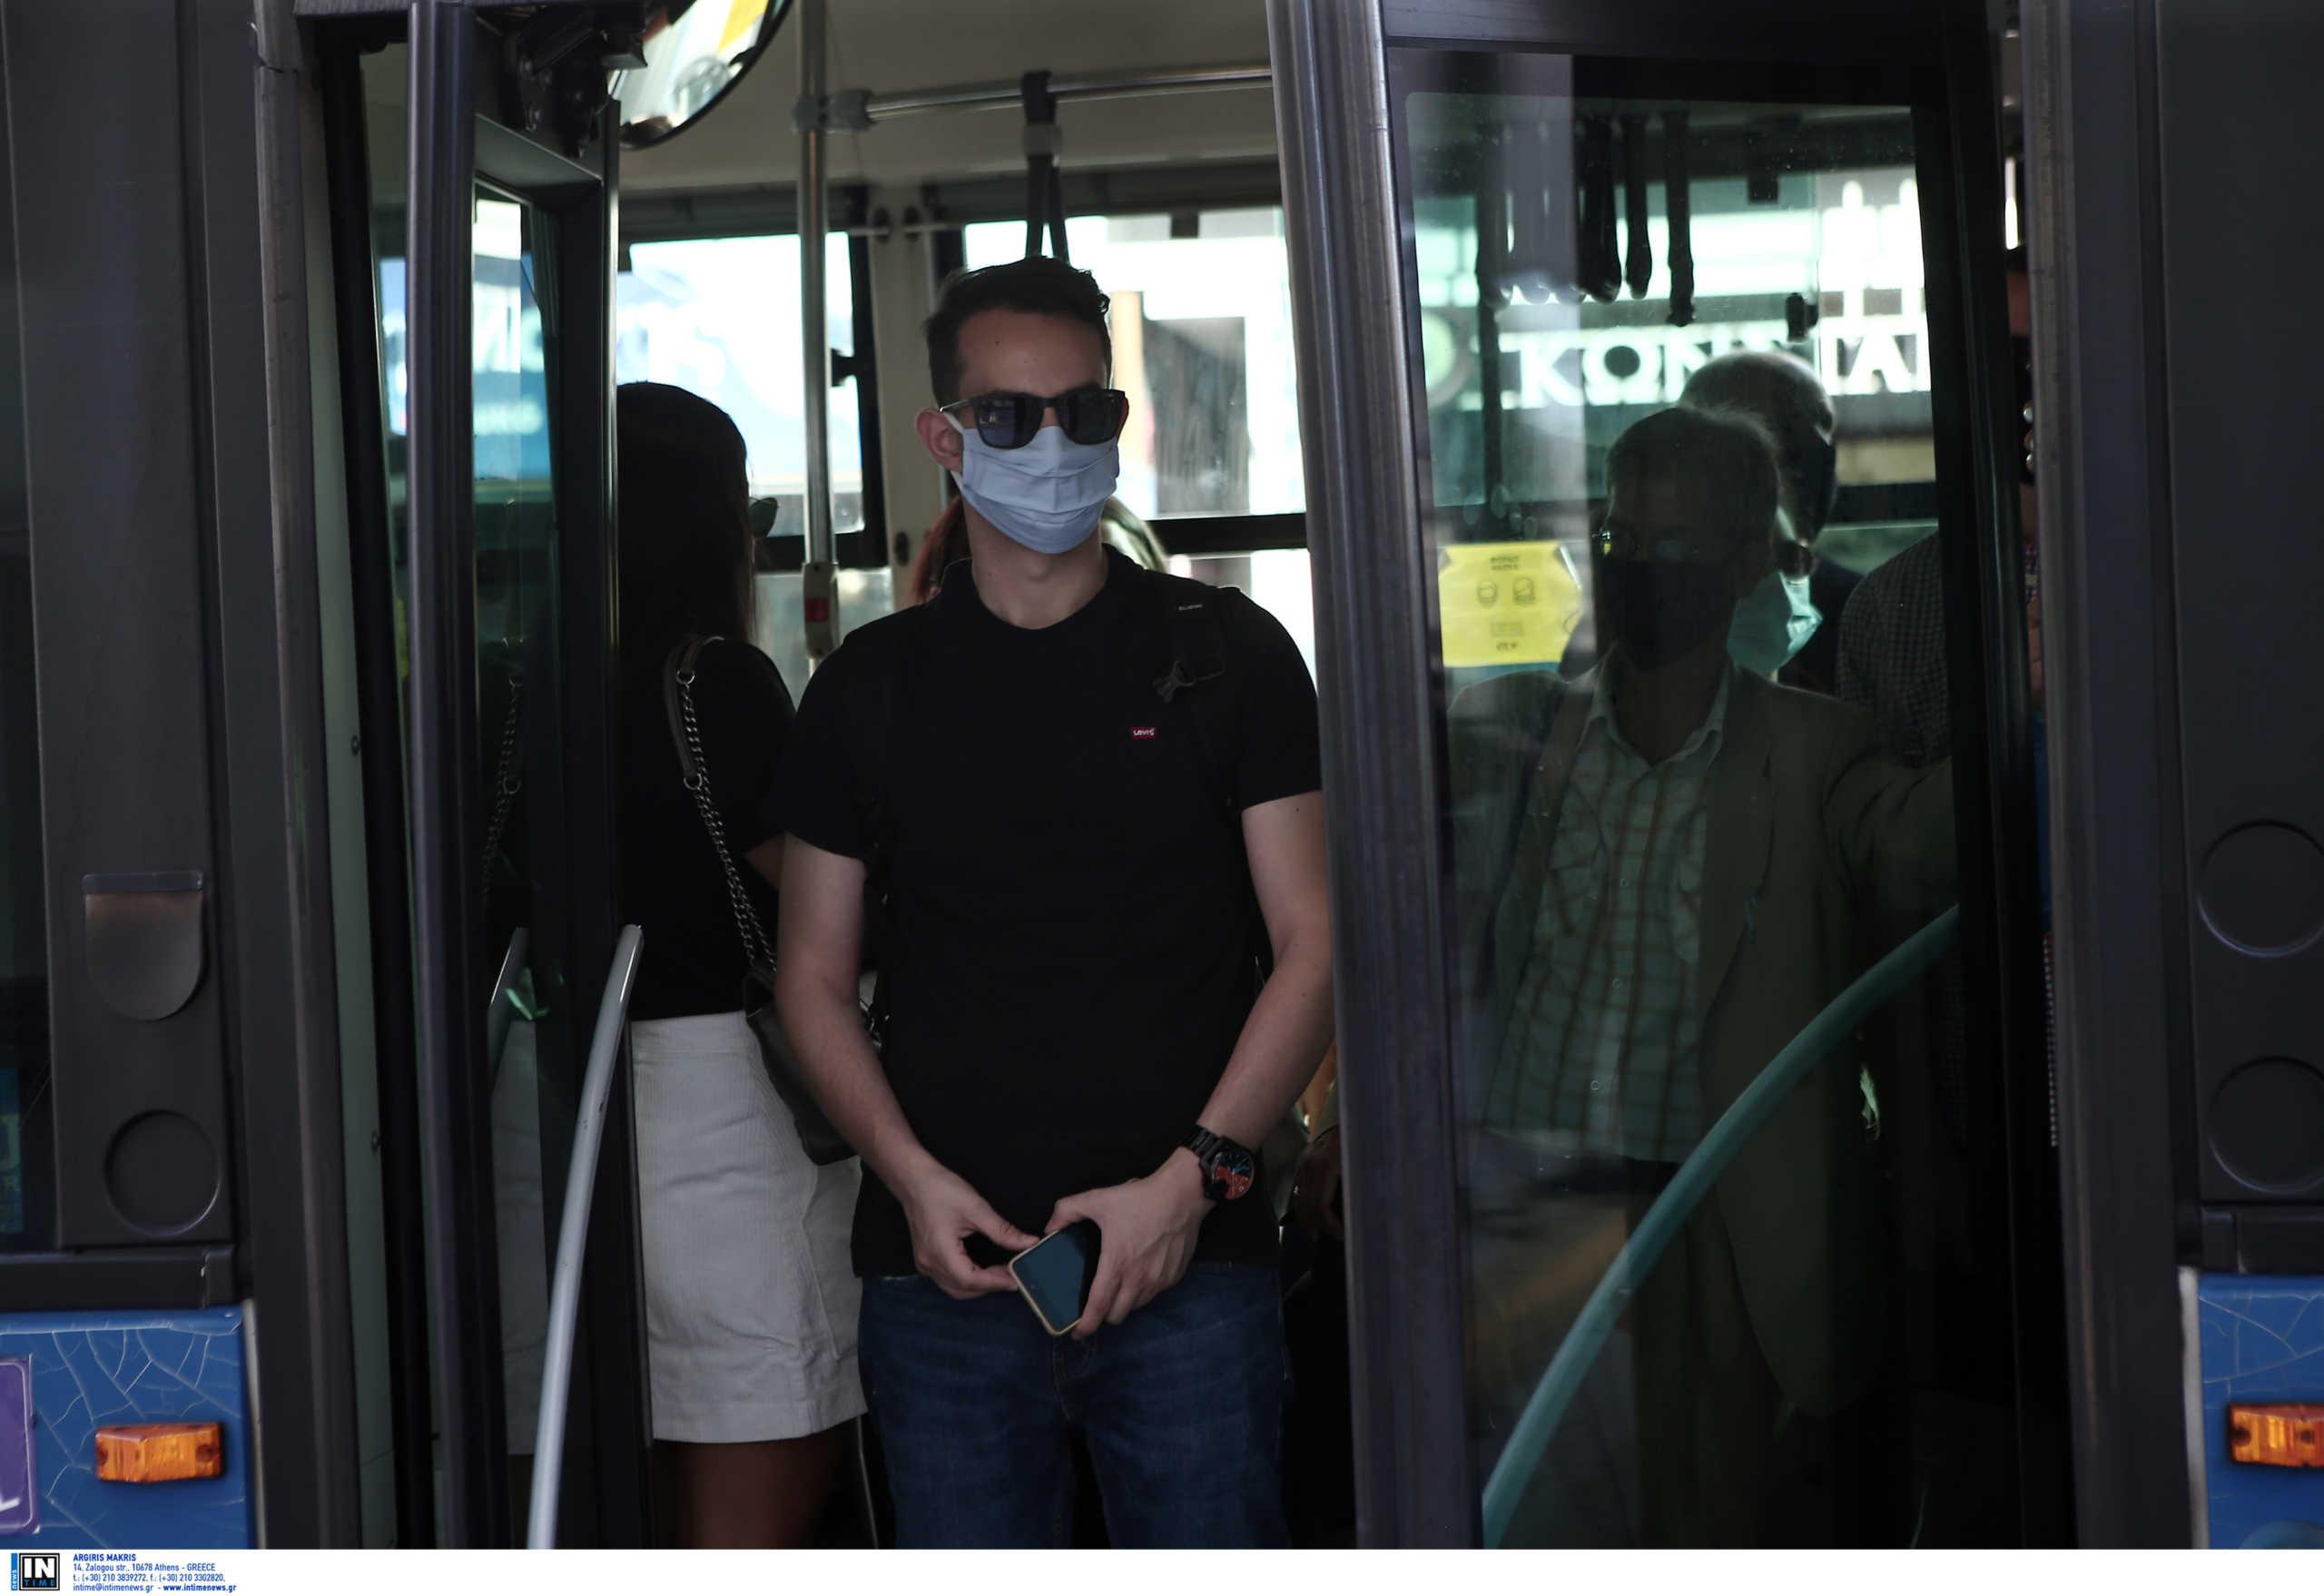 Κορονοϊός: Πάνω από 1.000 ελέγχους σε λεωφορεία έκανε το Σάββατο η Τροχαία Αττικής